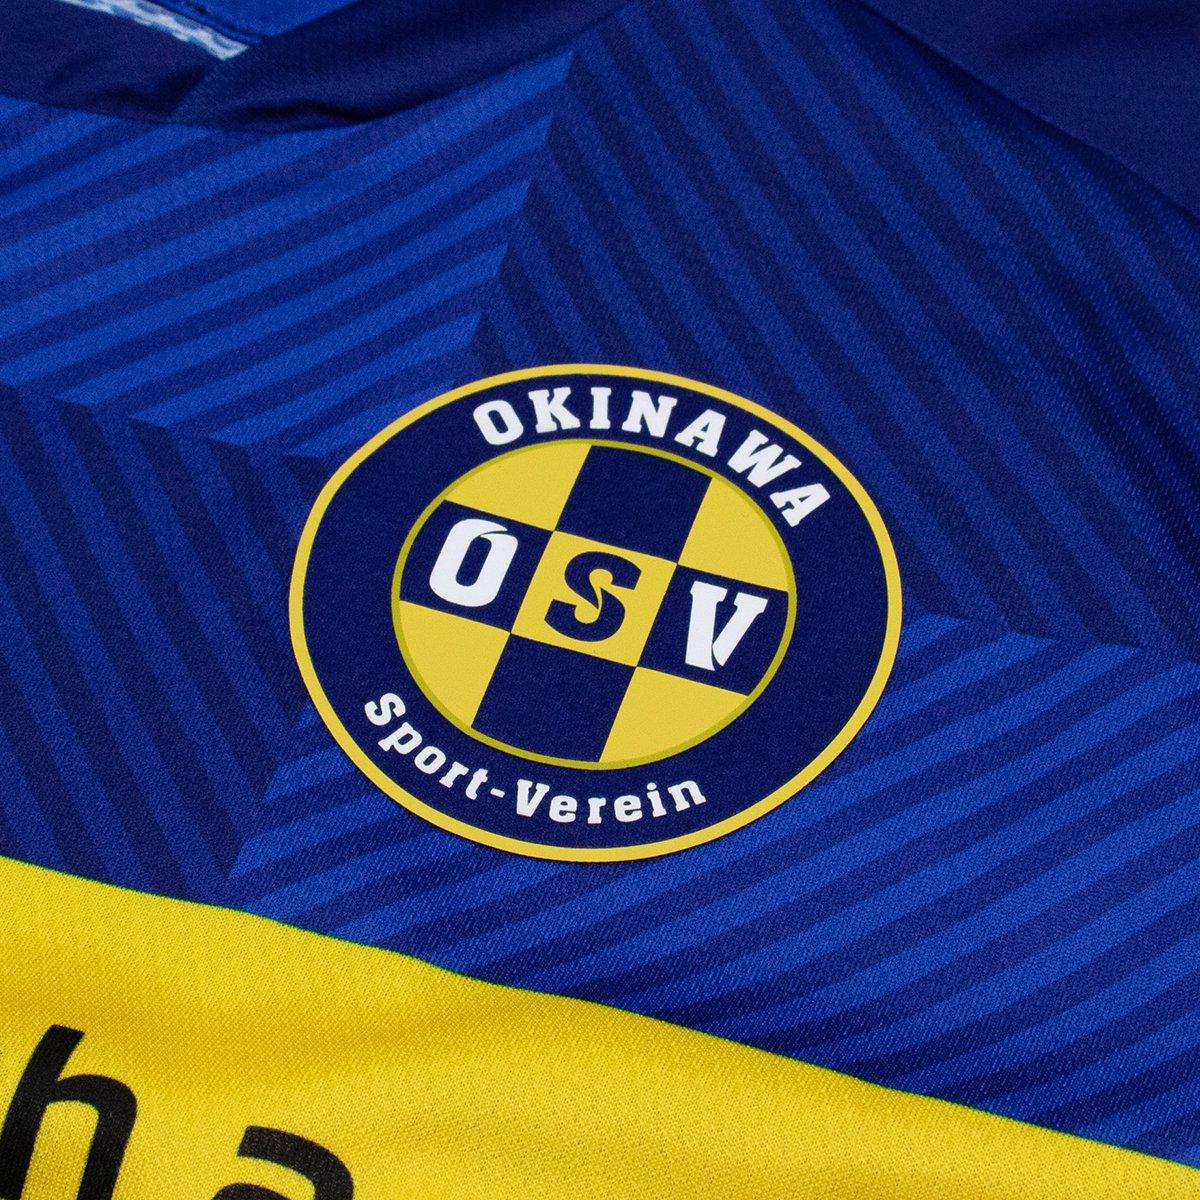 沖縄SV(OSV) 2021 オーセンティックユニフォーム ホーム